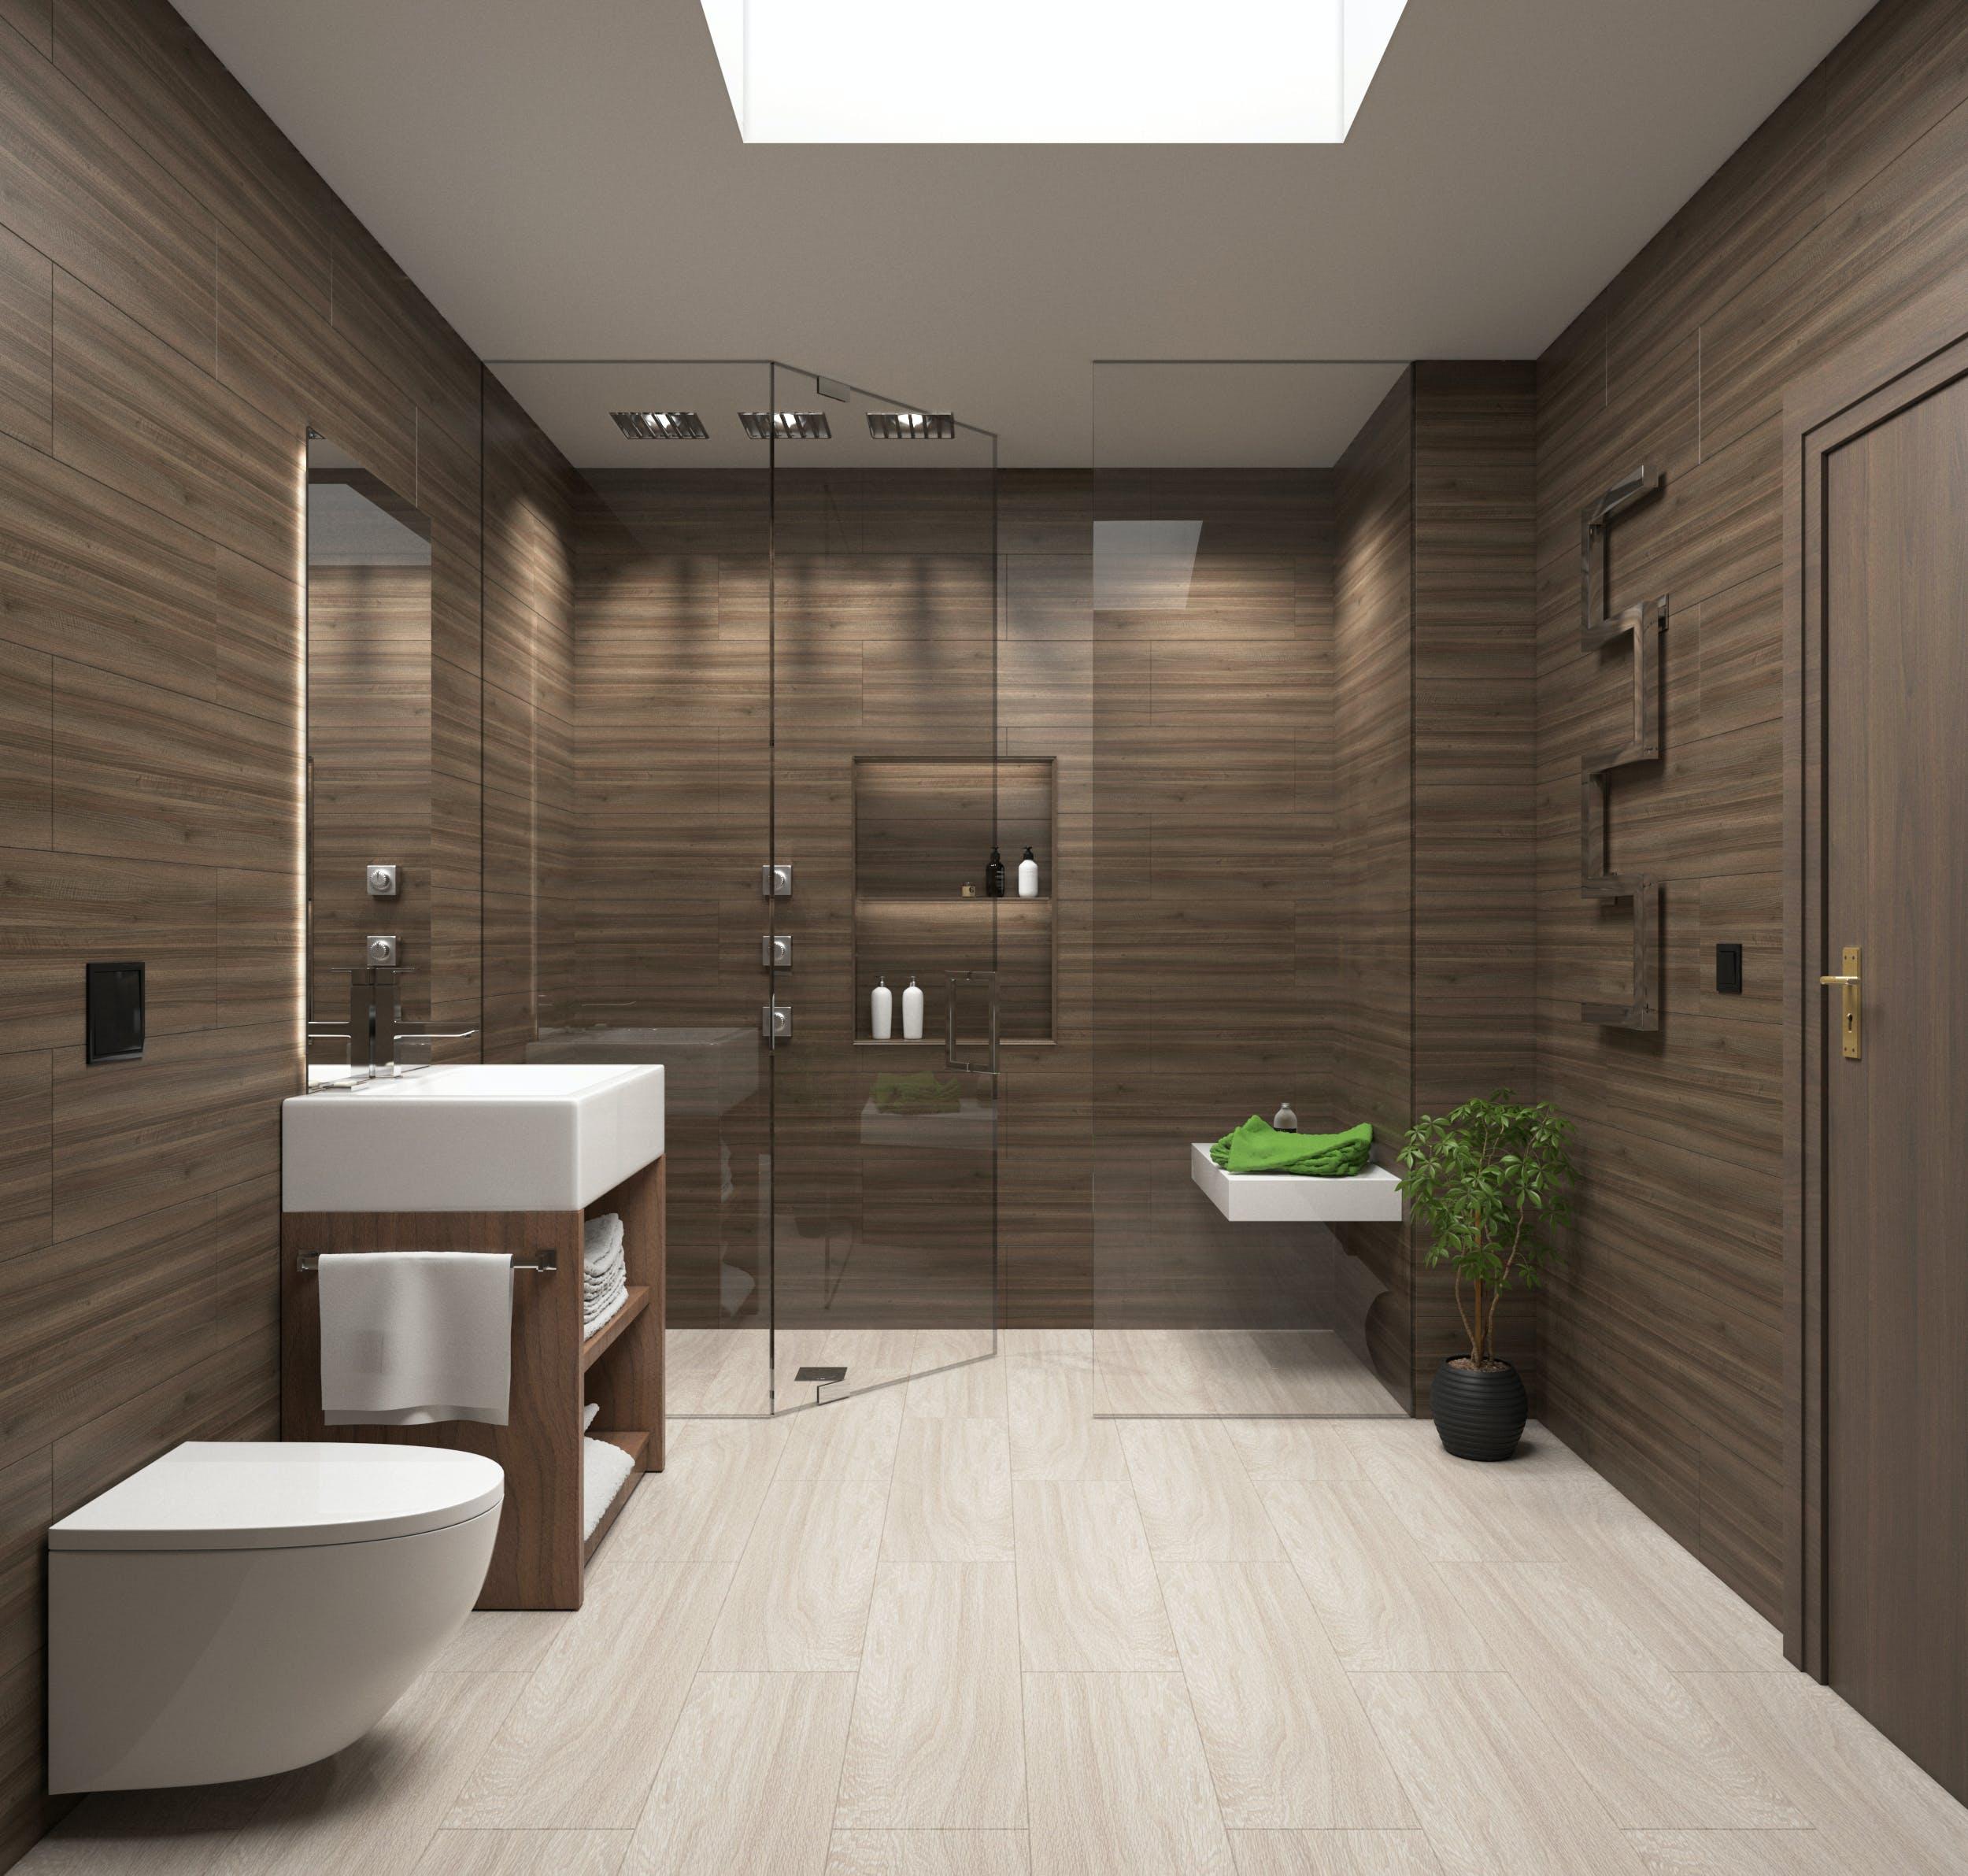 Free stock photo of bathroom, modern architecture, toilet, virtual